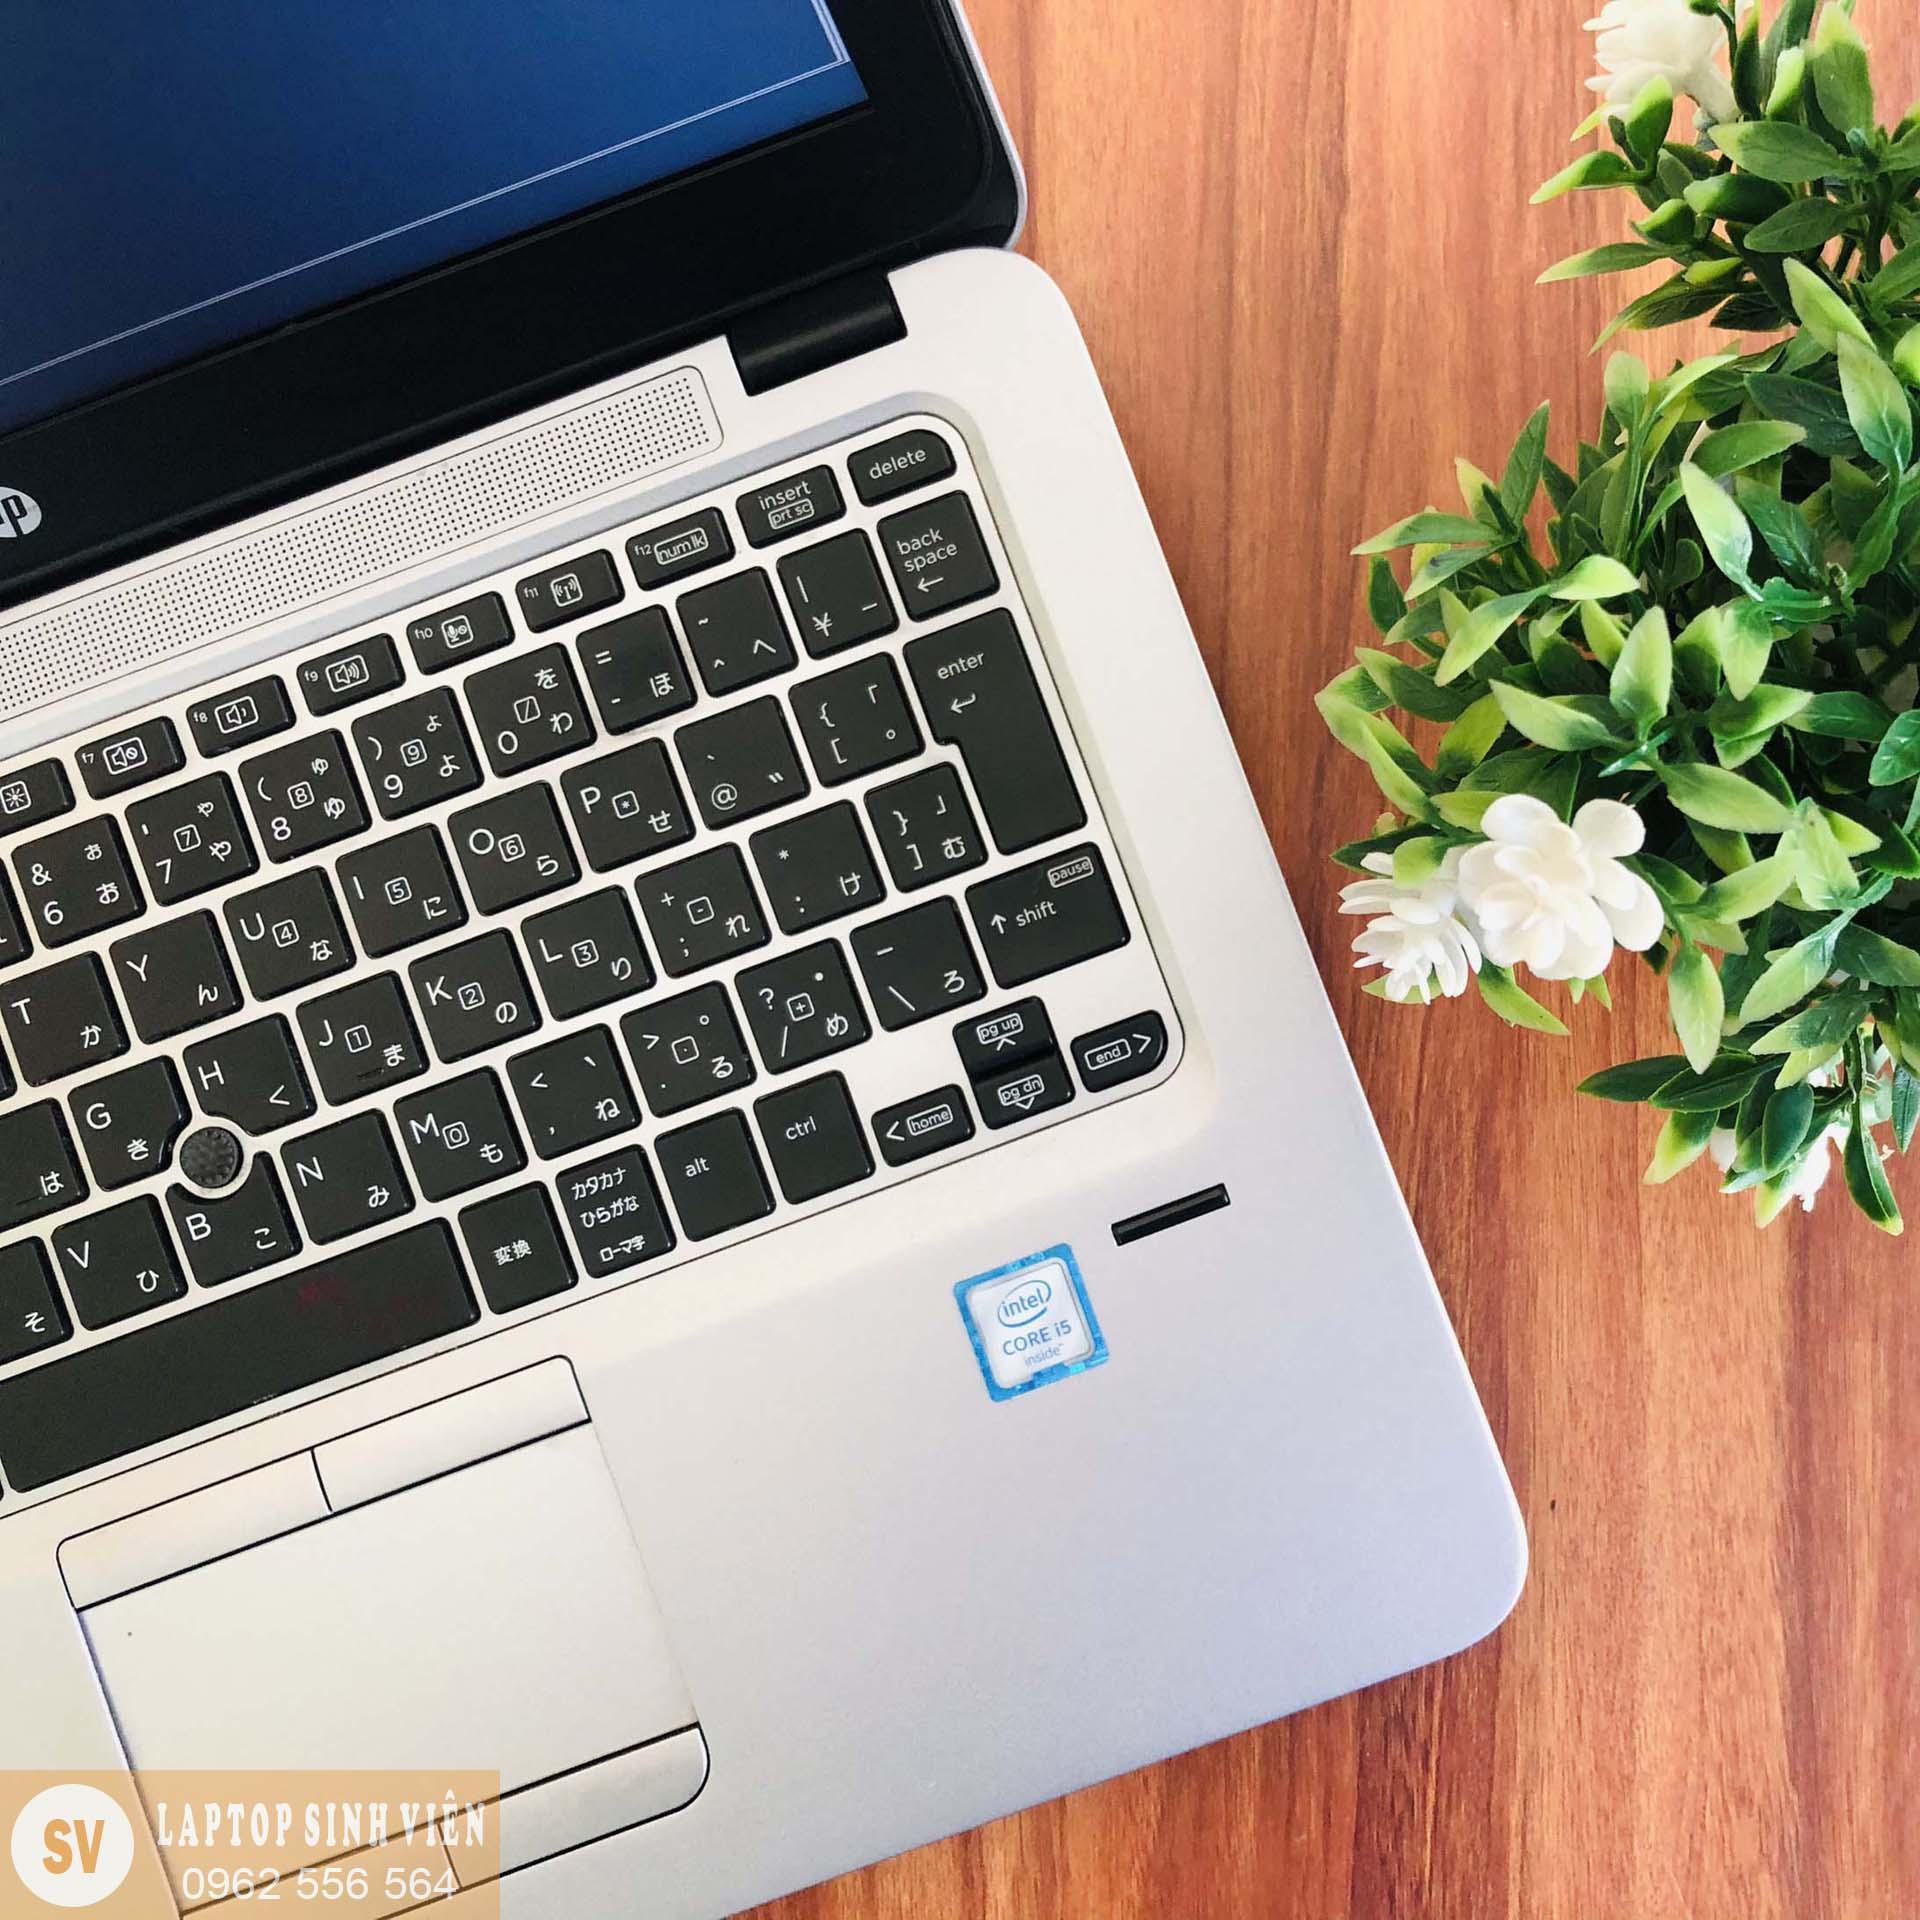 HP EliteBook 820 G3 Core i5